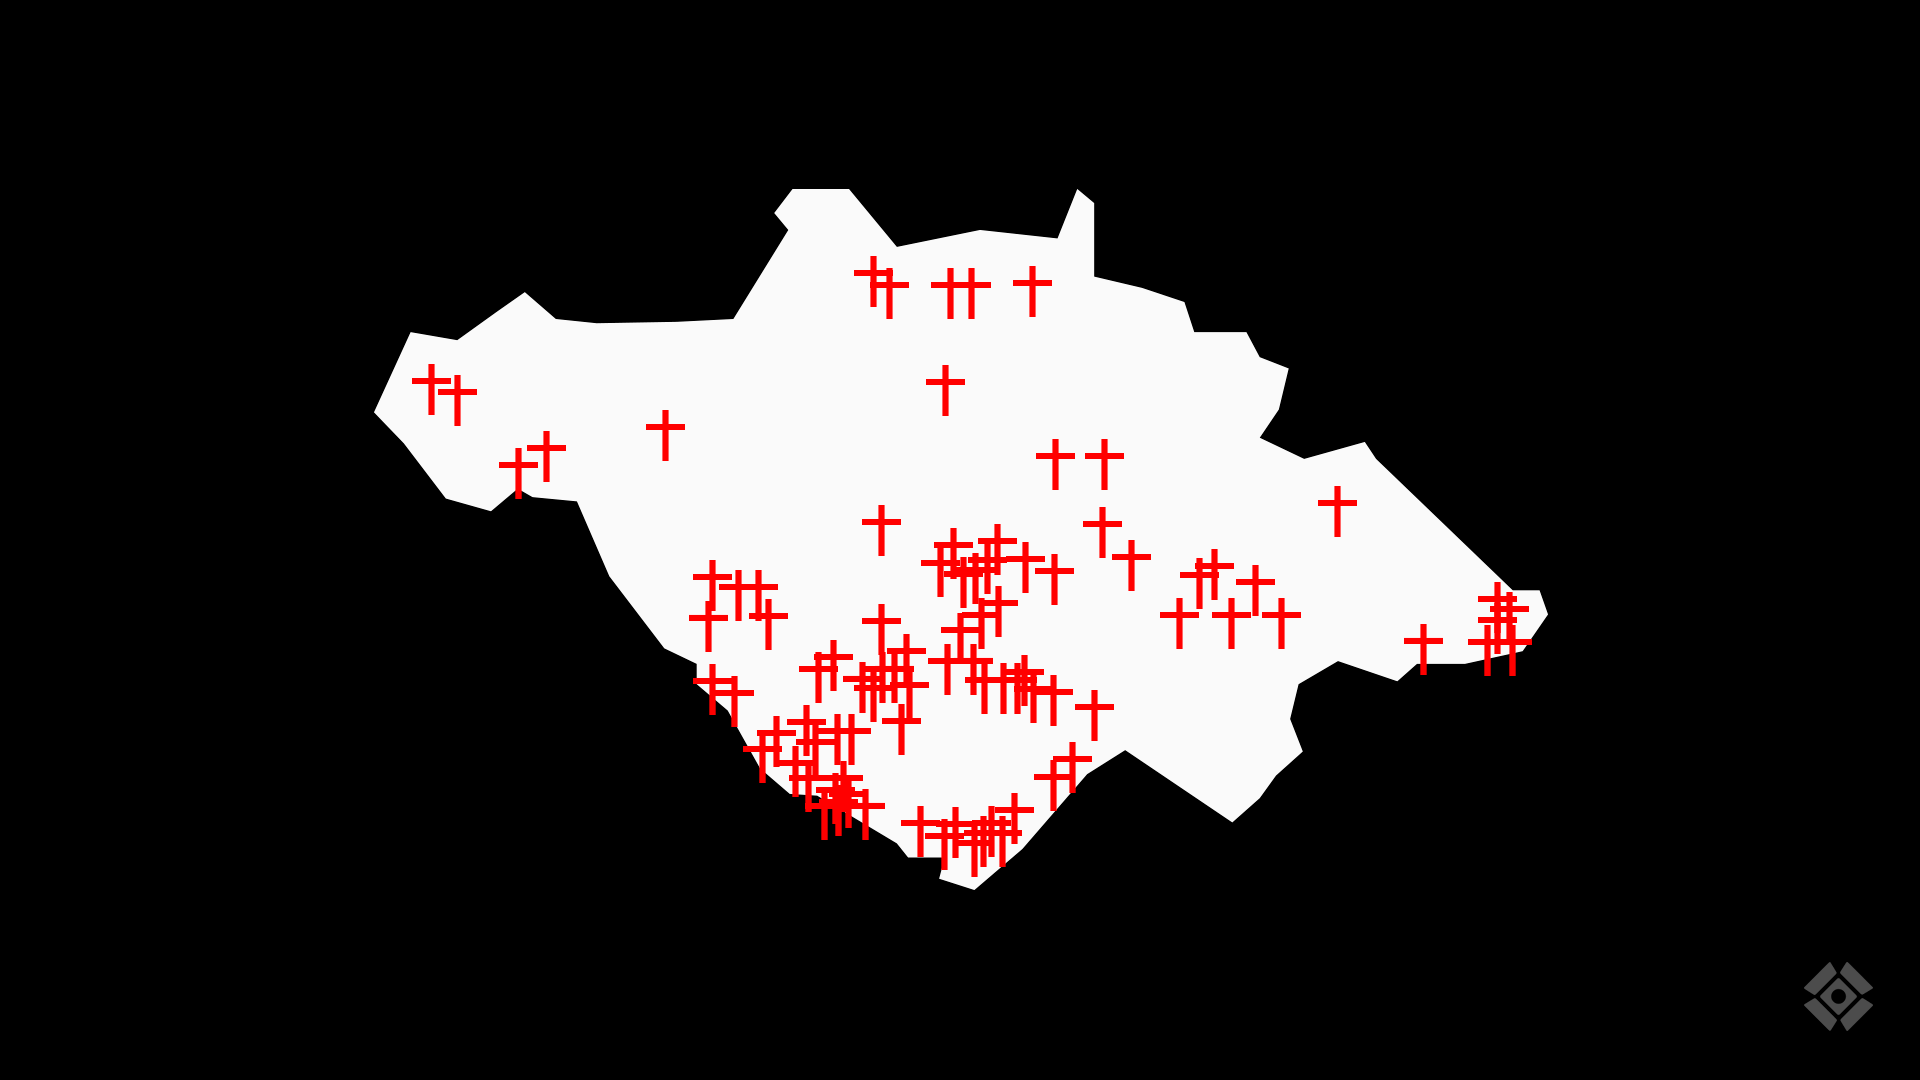 cruces-homicidios-asesinatos-tlaxcala-escenario